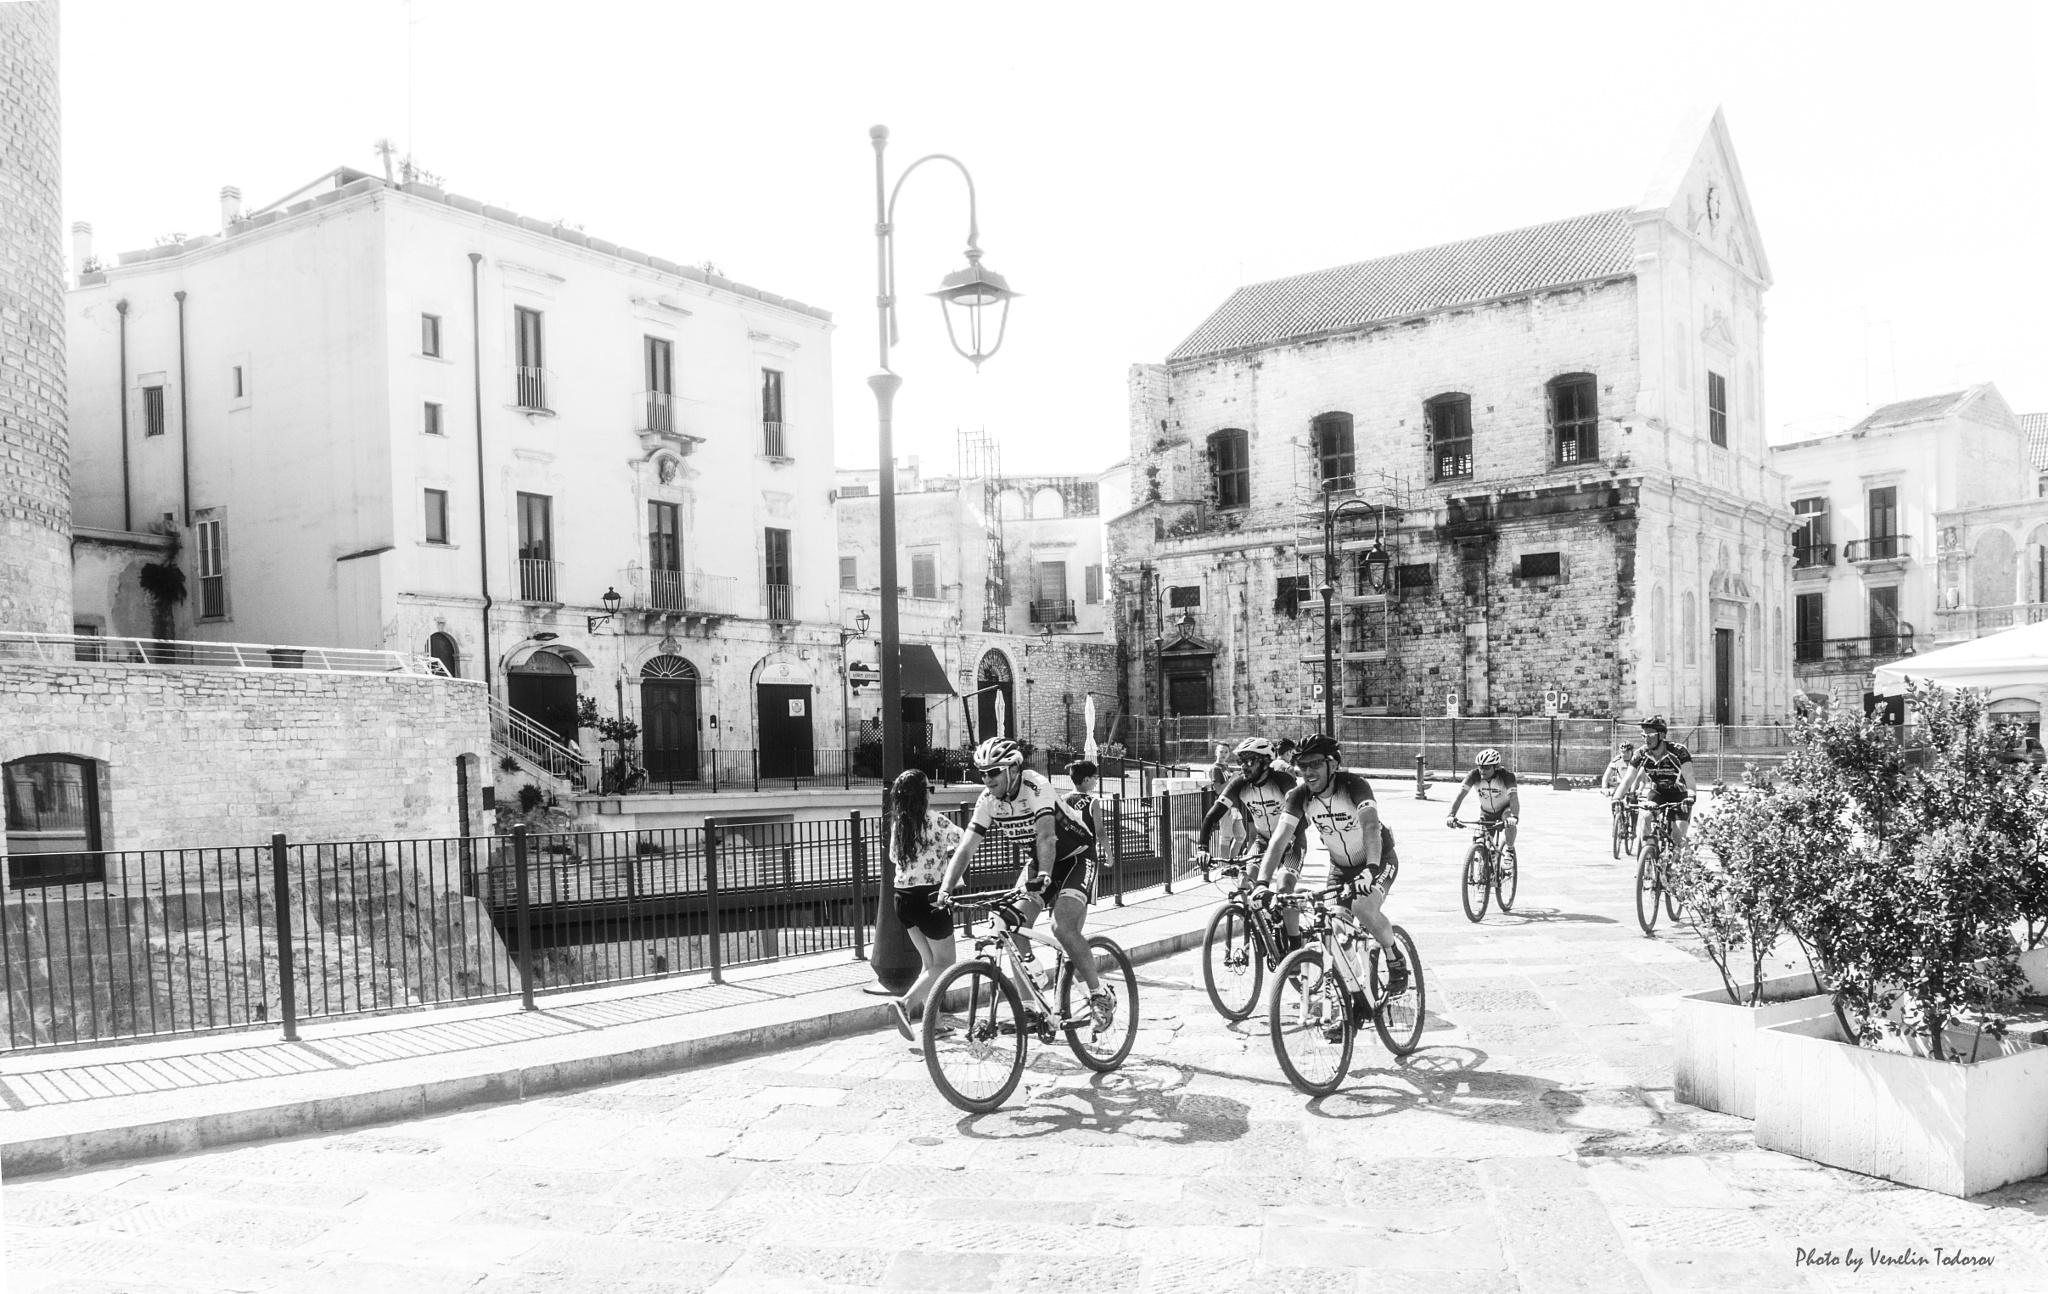 Cyclists by Venelin Todorov